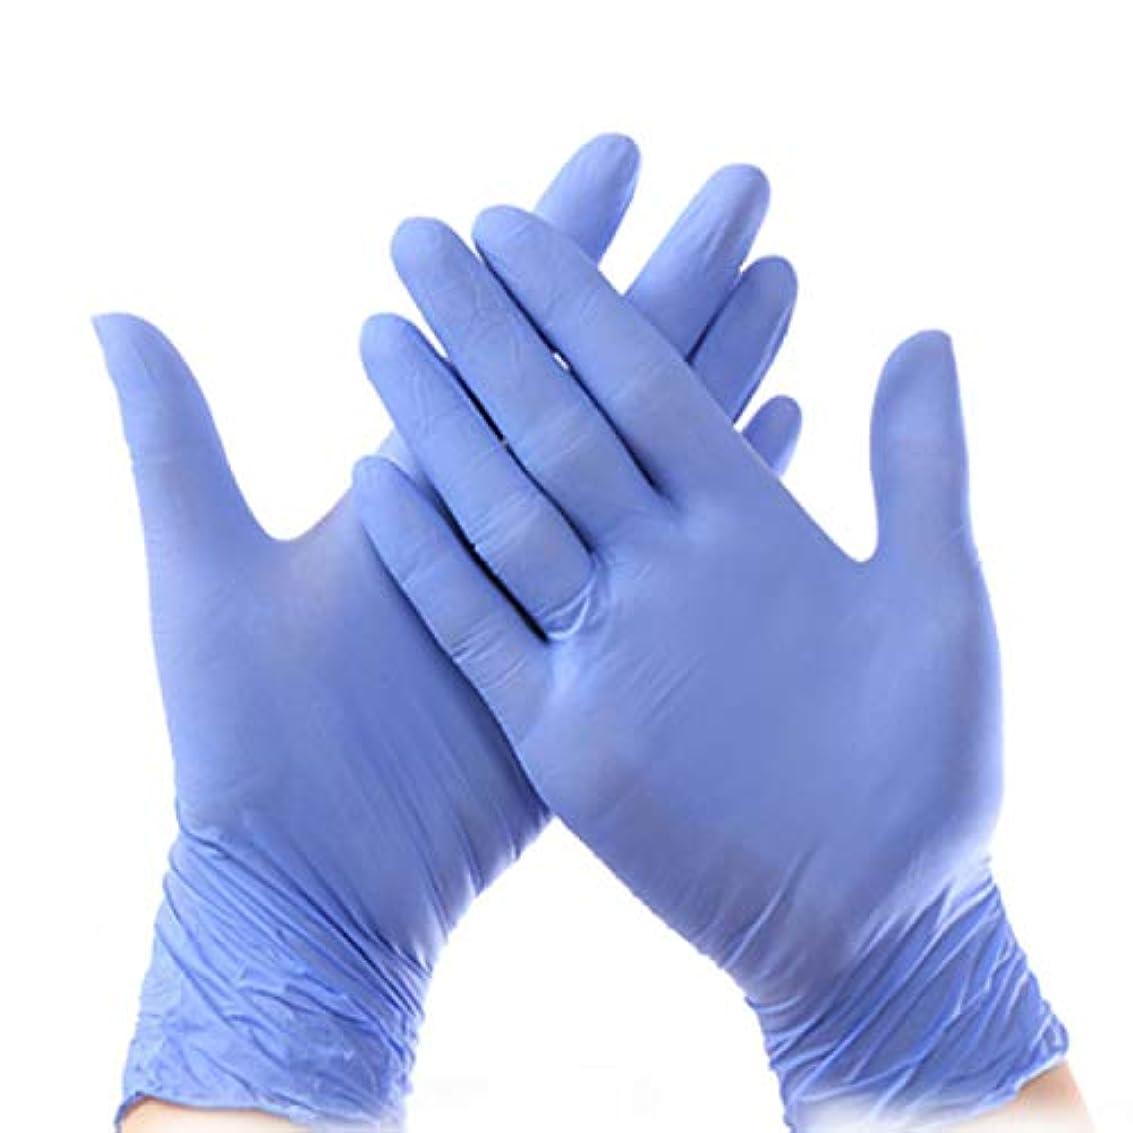 有毒な化粧抽象使い捨て手袋 ニトリル工業用手袋、パウダーフリー、使い捨て食品安全、パープル、ラテックスフリー、100個入り ニトリルゴム手袋 (Color : Purple, Size : S)